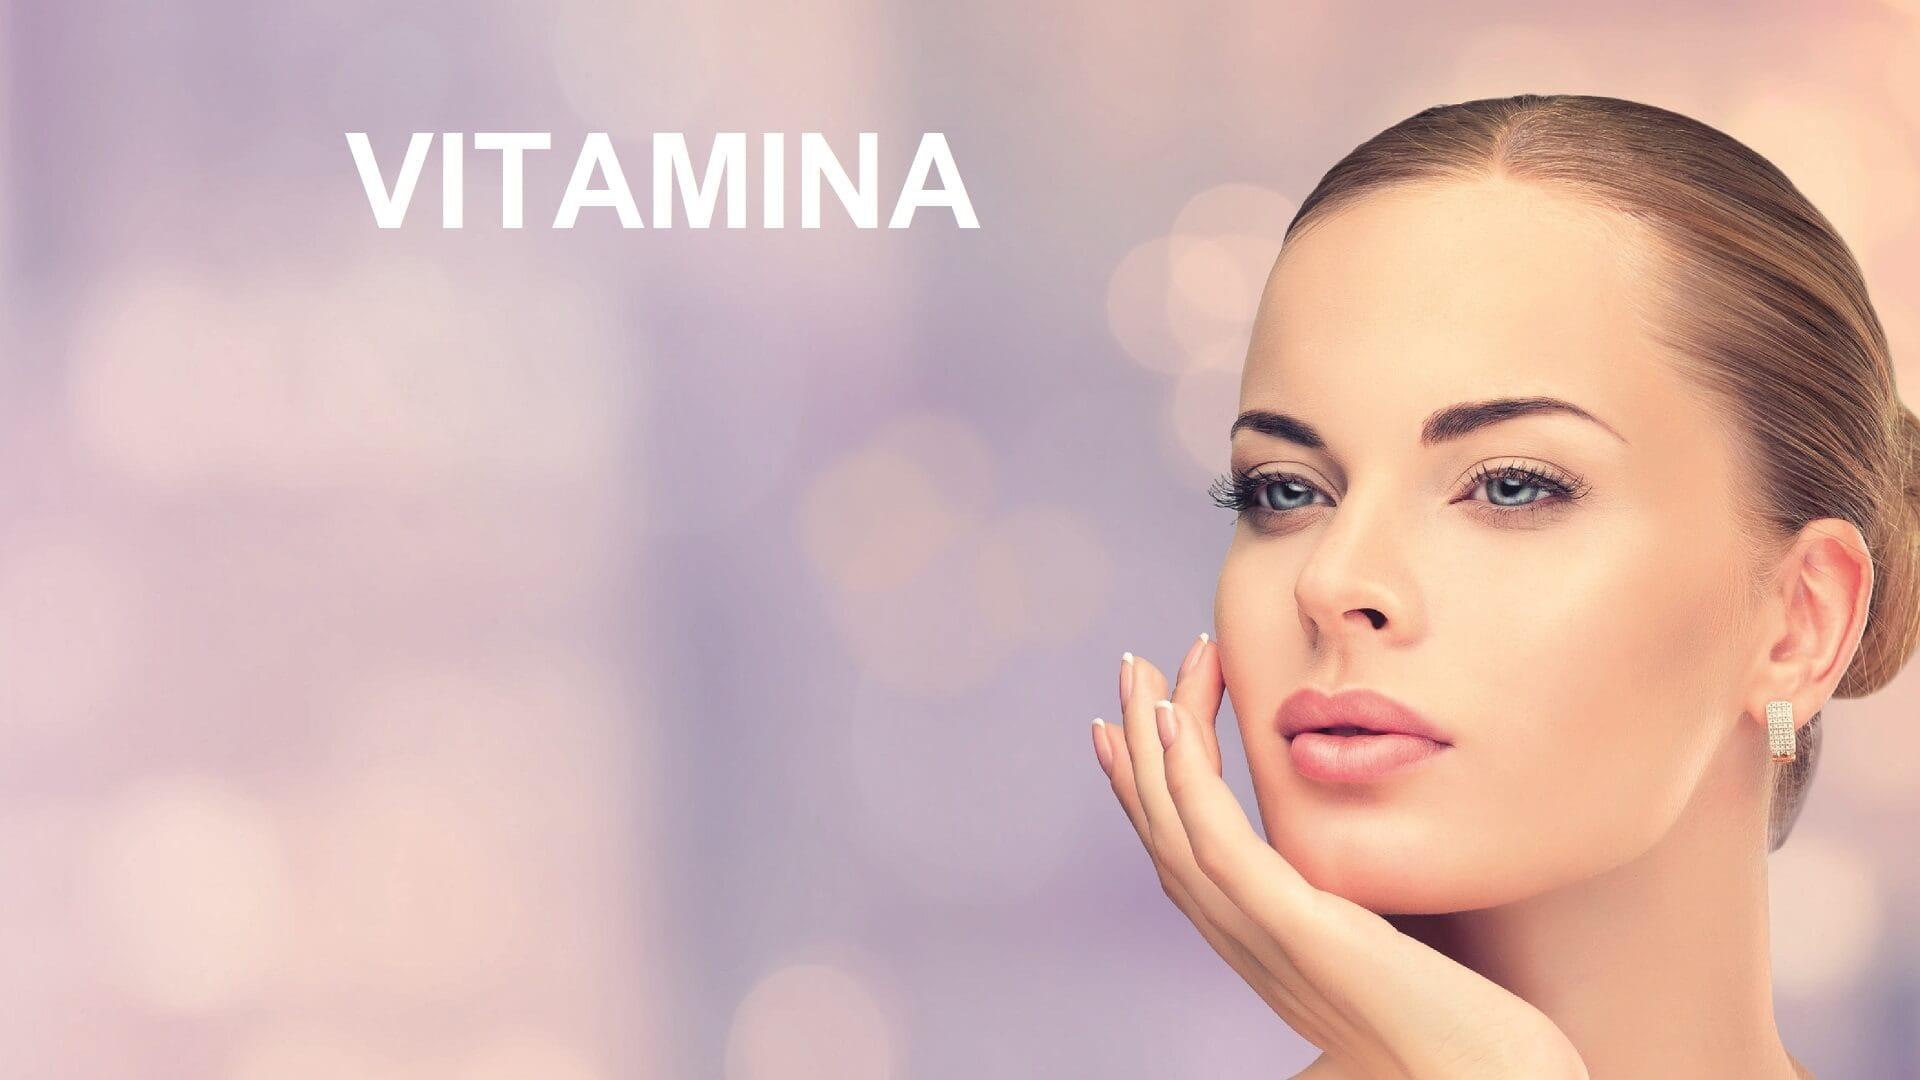 Vitamina naslovna